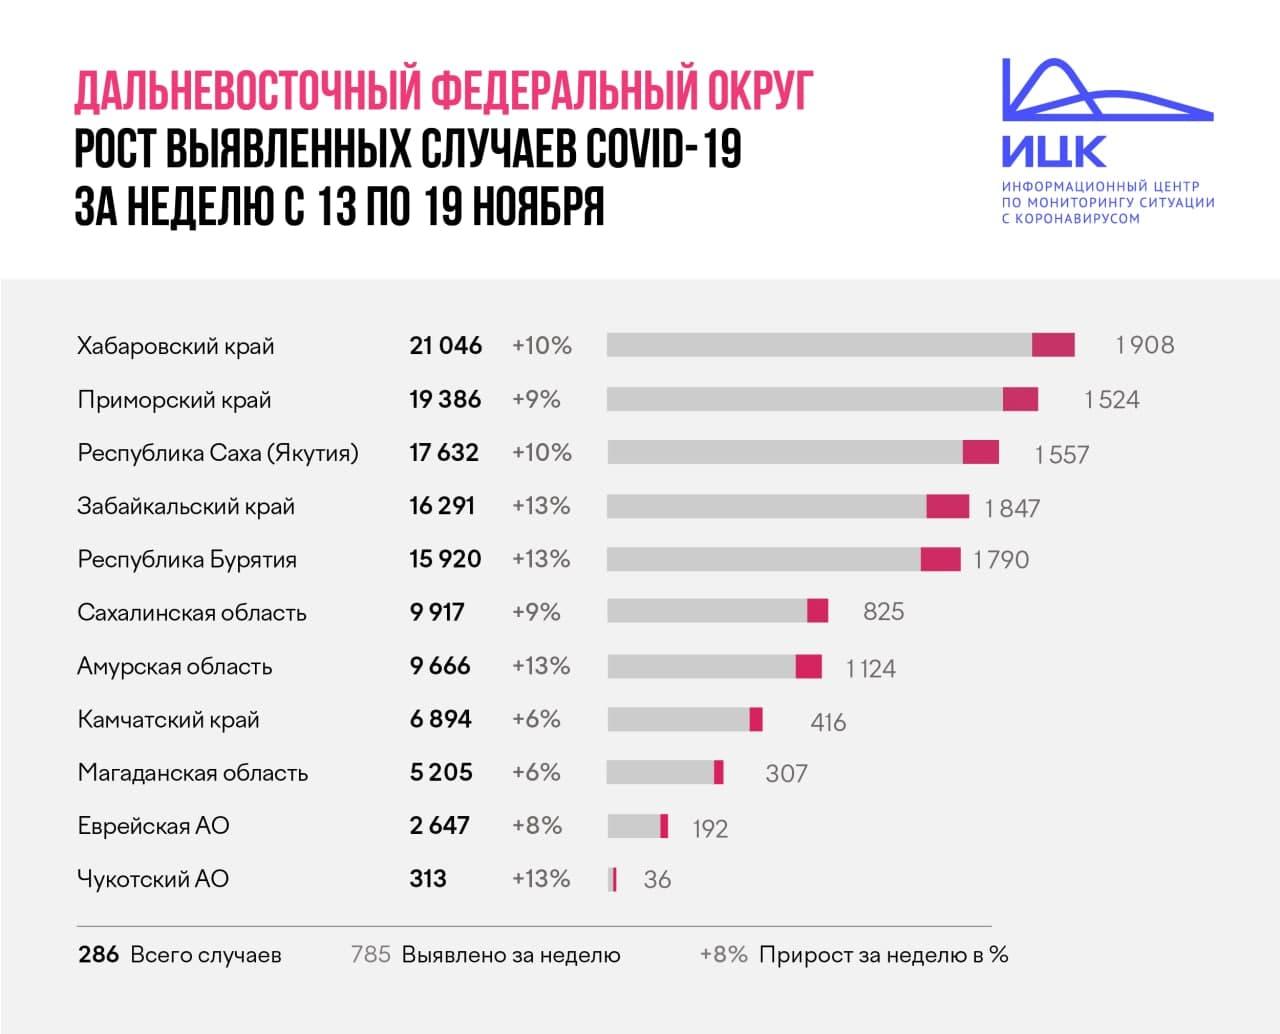 В Забайкалье по итогам недели прирост заболевших COVID-19 составил 13%